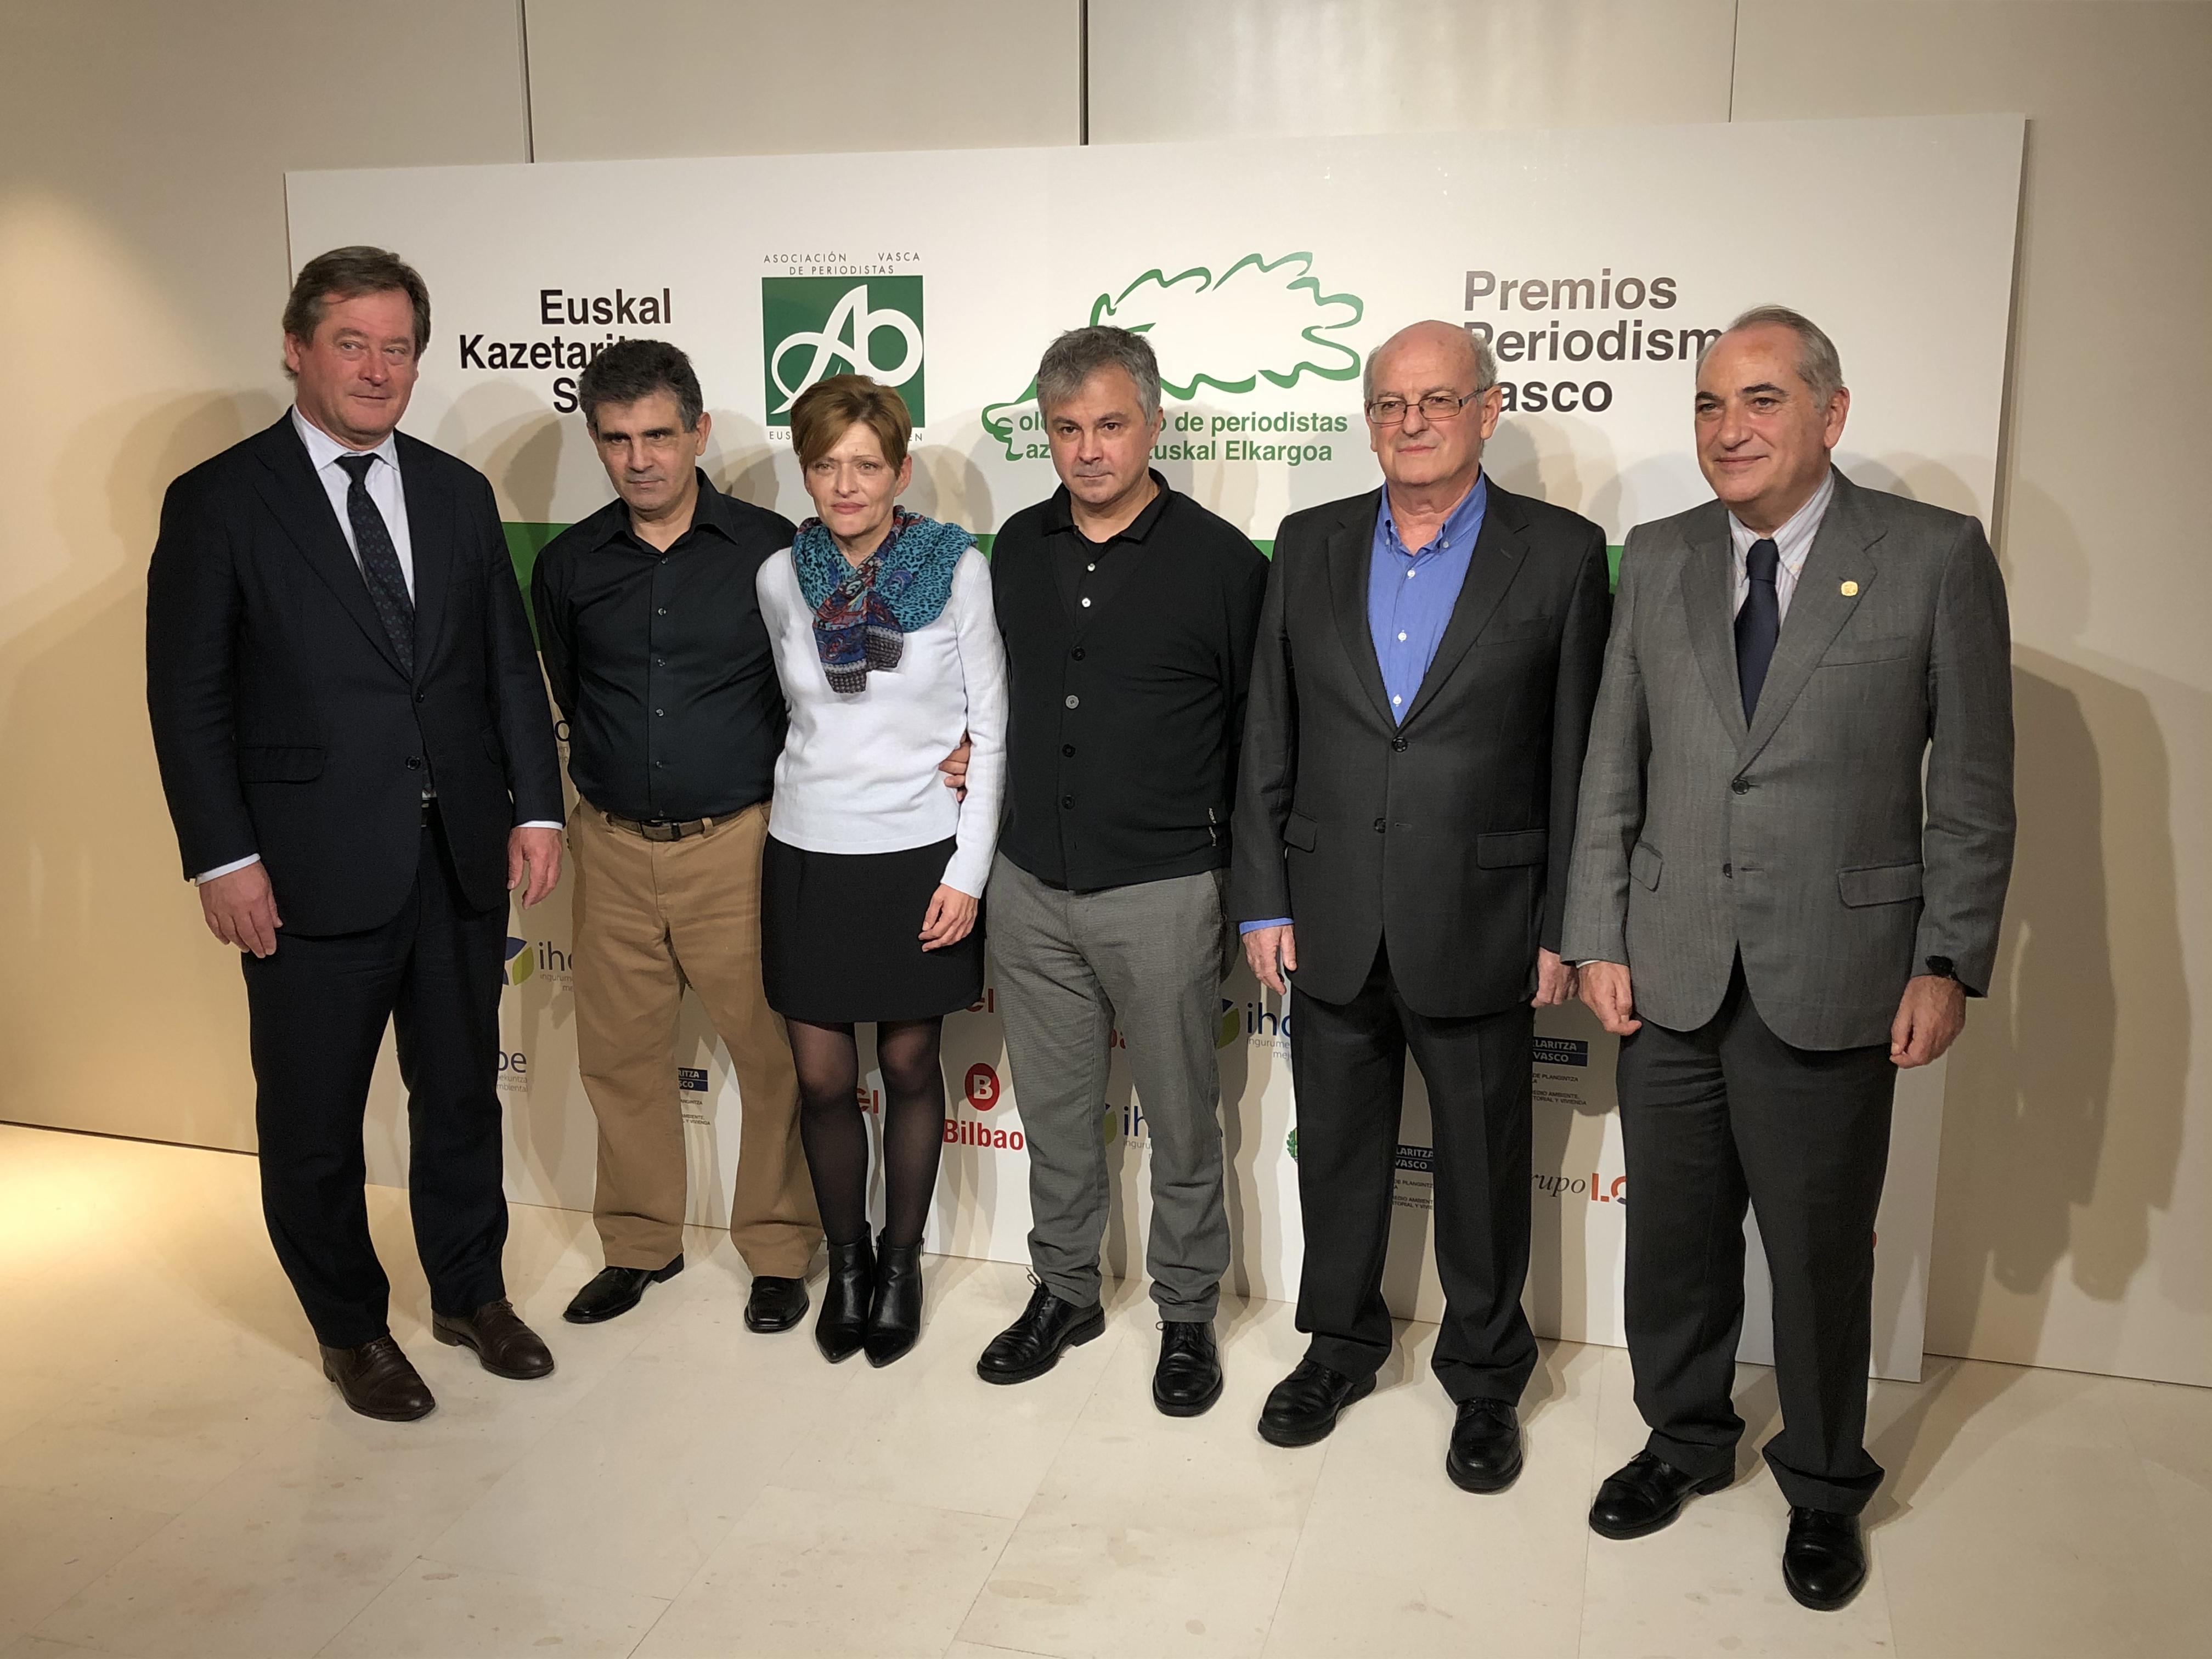 Iñaki Arriola eta Bingen Zupiria sailburuek parte hartu dute 2019ko Euskal Kazetaritza Sarien banaketa ekitaldian